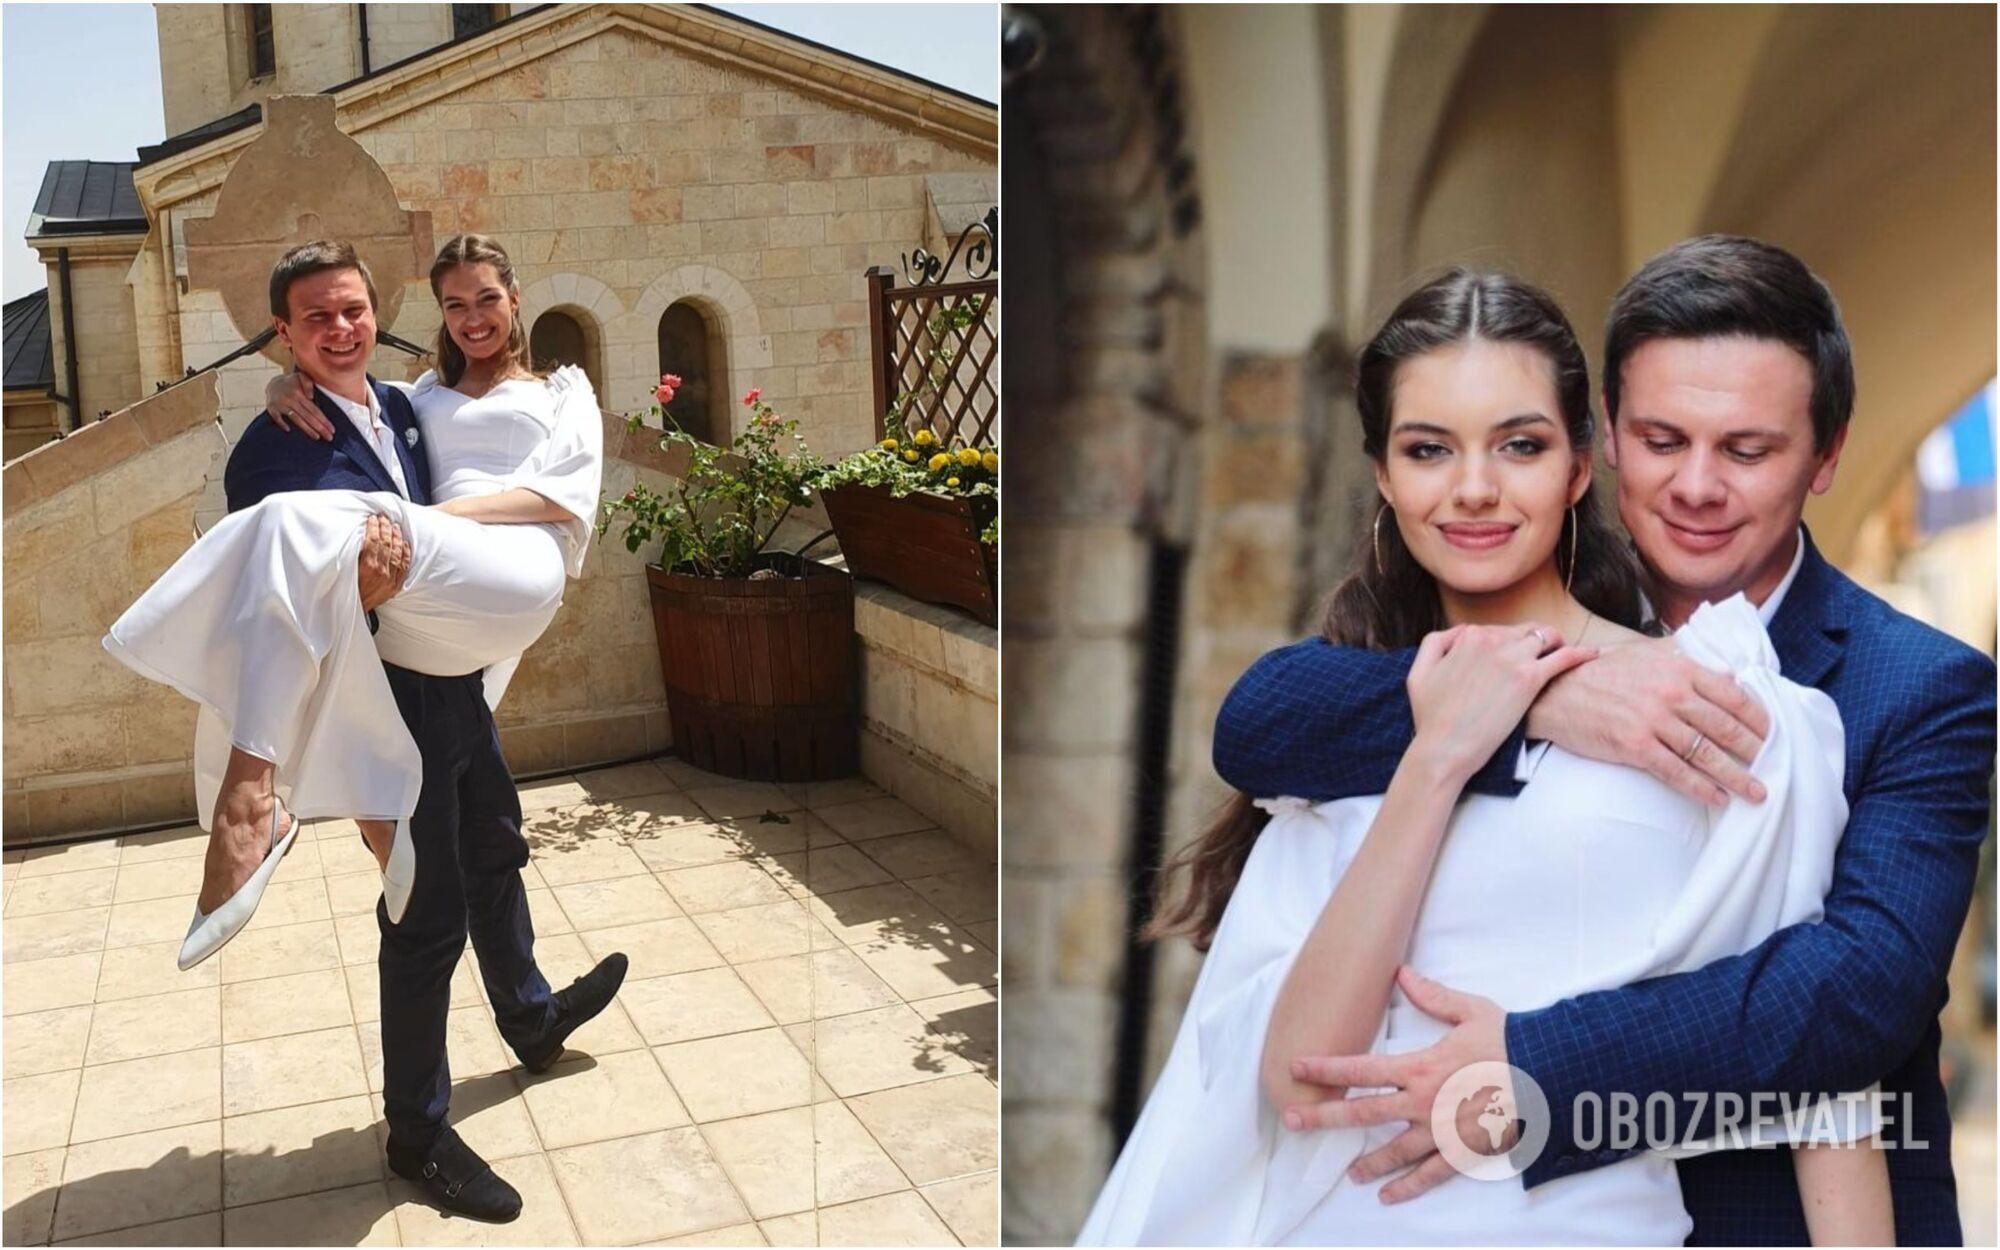 Олександра Кучеренко та Дмитро Комаров одружилися 2019 року